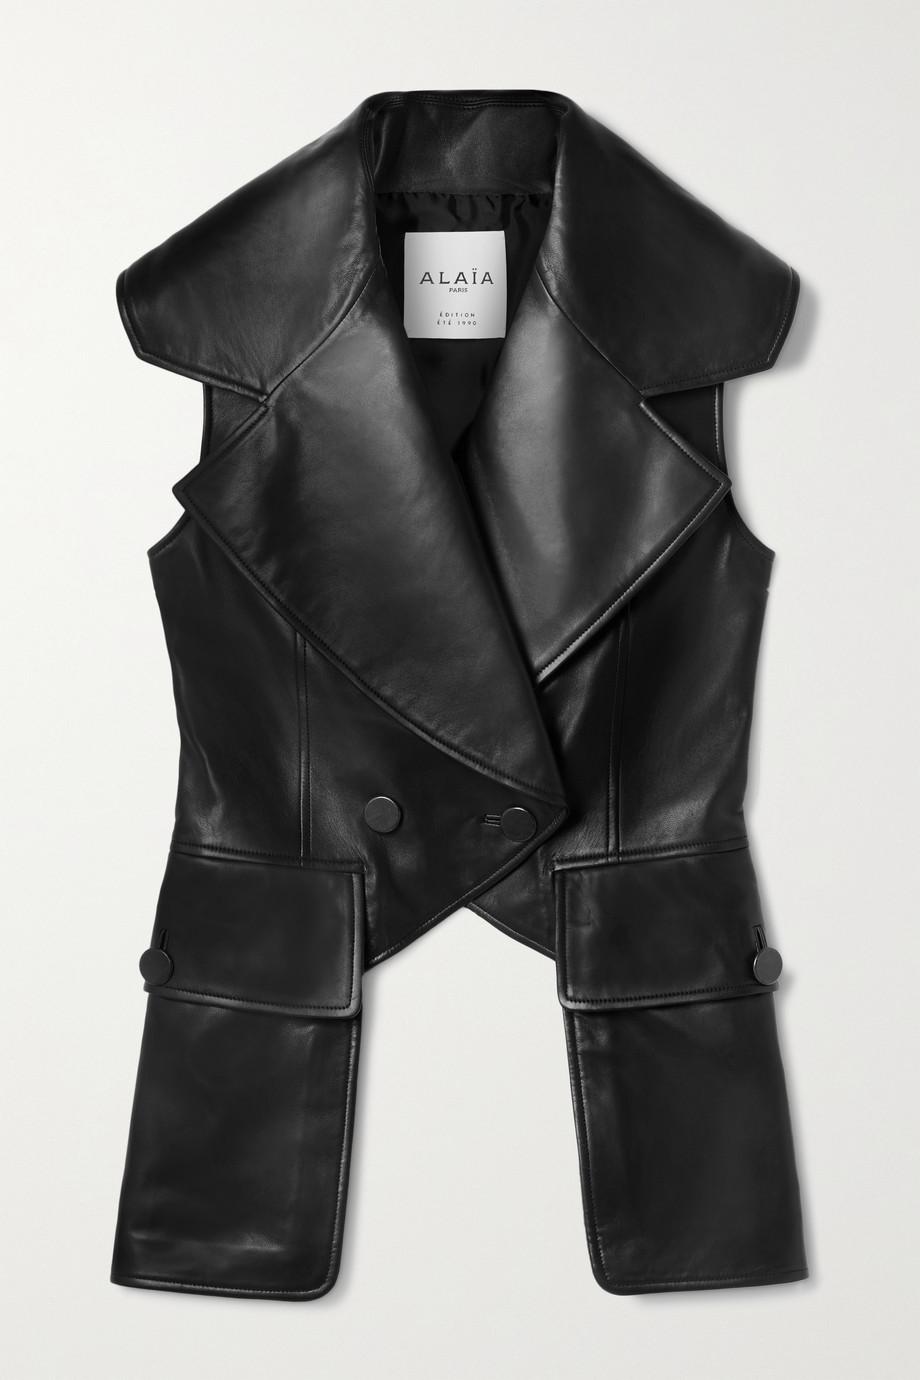 Alaïa Editions leather vest